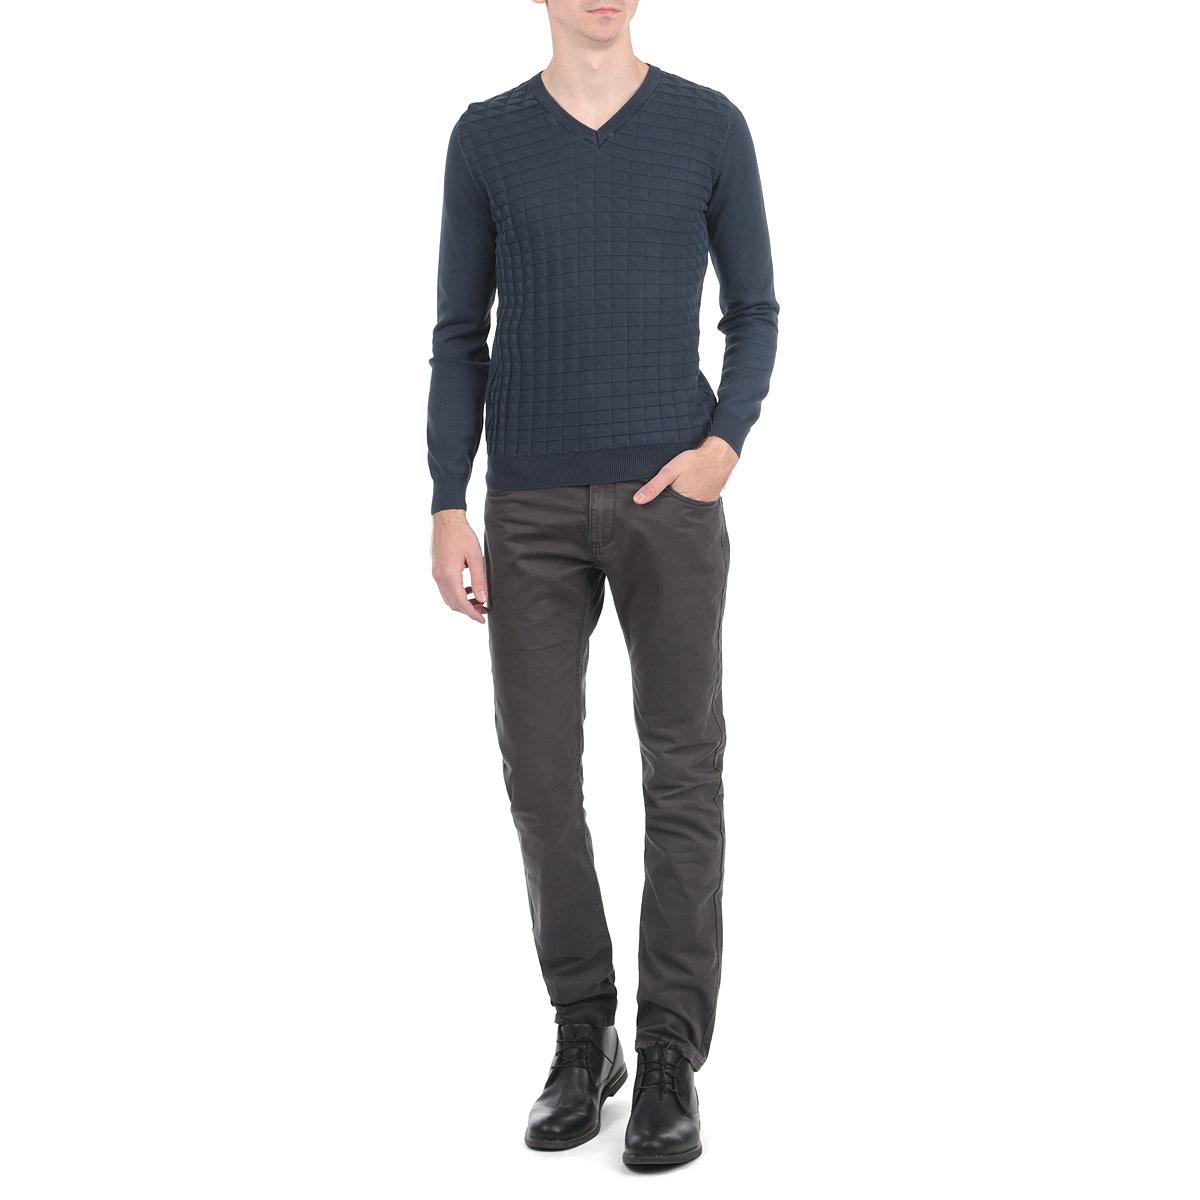 Брюки мужские Jake. 1015306110153061 749Стильные мужские брюки Broadway, выполненные из натурального хлопка высочайшего качества, необычайно мягкие и приятные на ощупь, не сковывают движения, обеспечивая наибольший комфорт. Брюки классического кроя и средней посадки застегиваются на пуговицу в поясе и ширинку на молнии, имеются шлевки для ремня. Спереди модель оформлена двумя втачными карманами с косыми срезами, а сзади - двумя нашивными карманами. Эти модные и в тоже время комфортные брюки послужат отличным дополнением к вашему гардеробу.